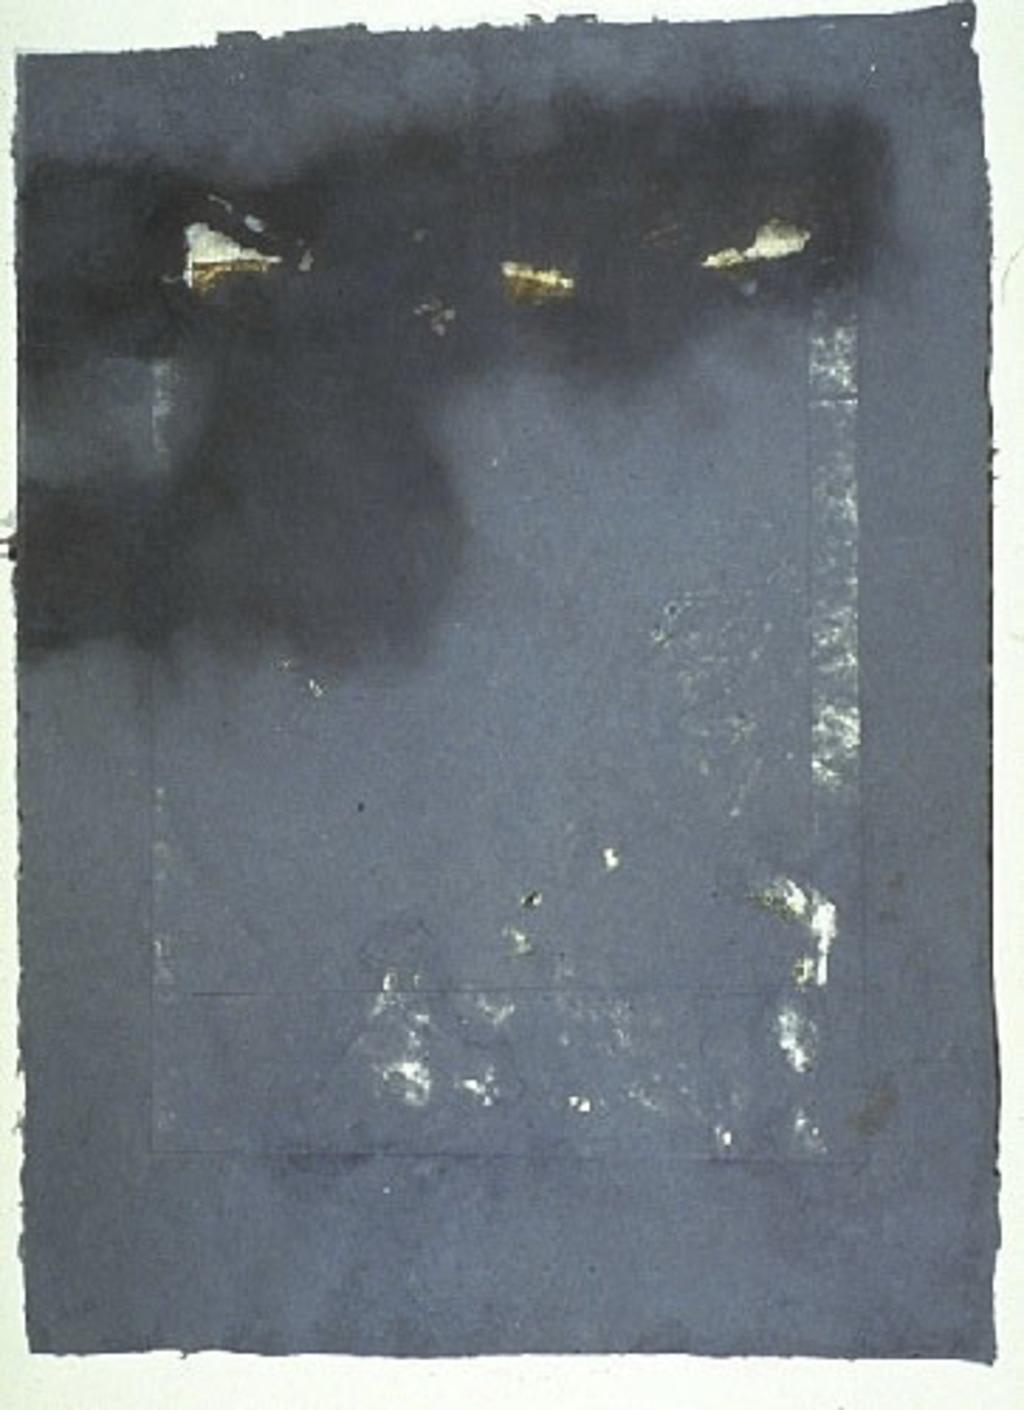 Sarcophage de « Un nuage assis dans un paysage »